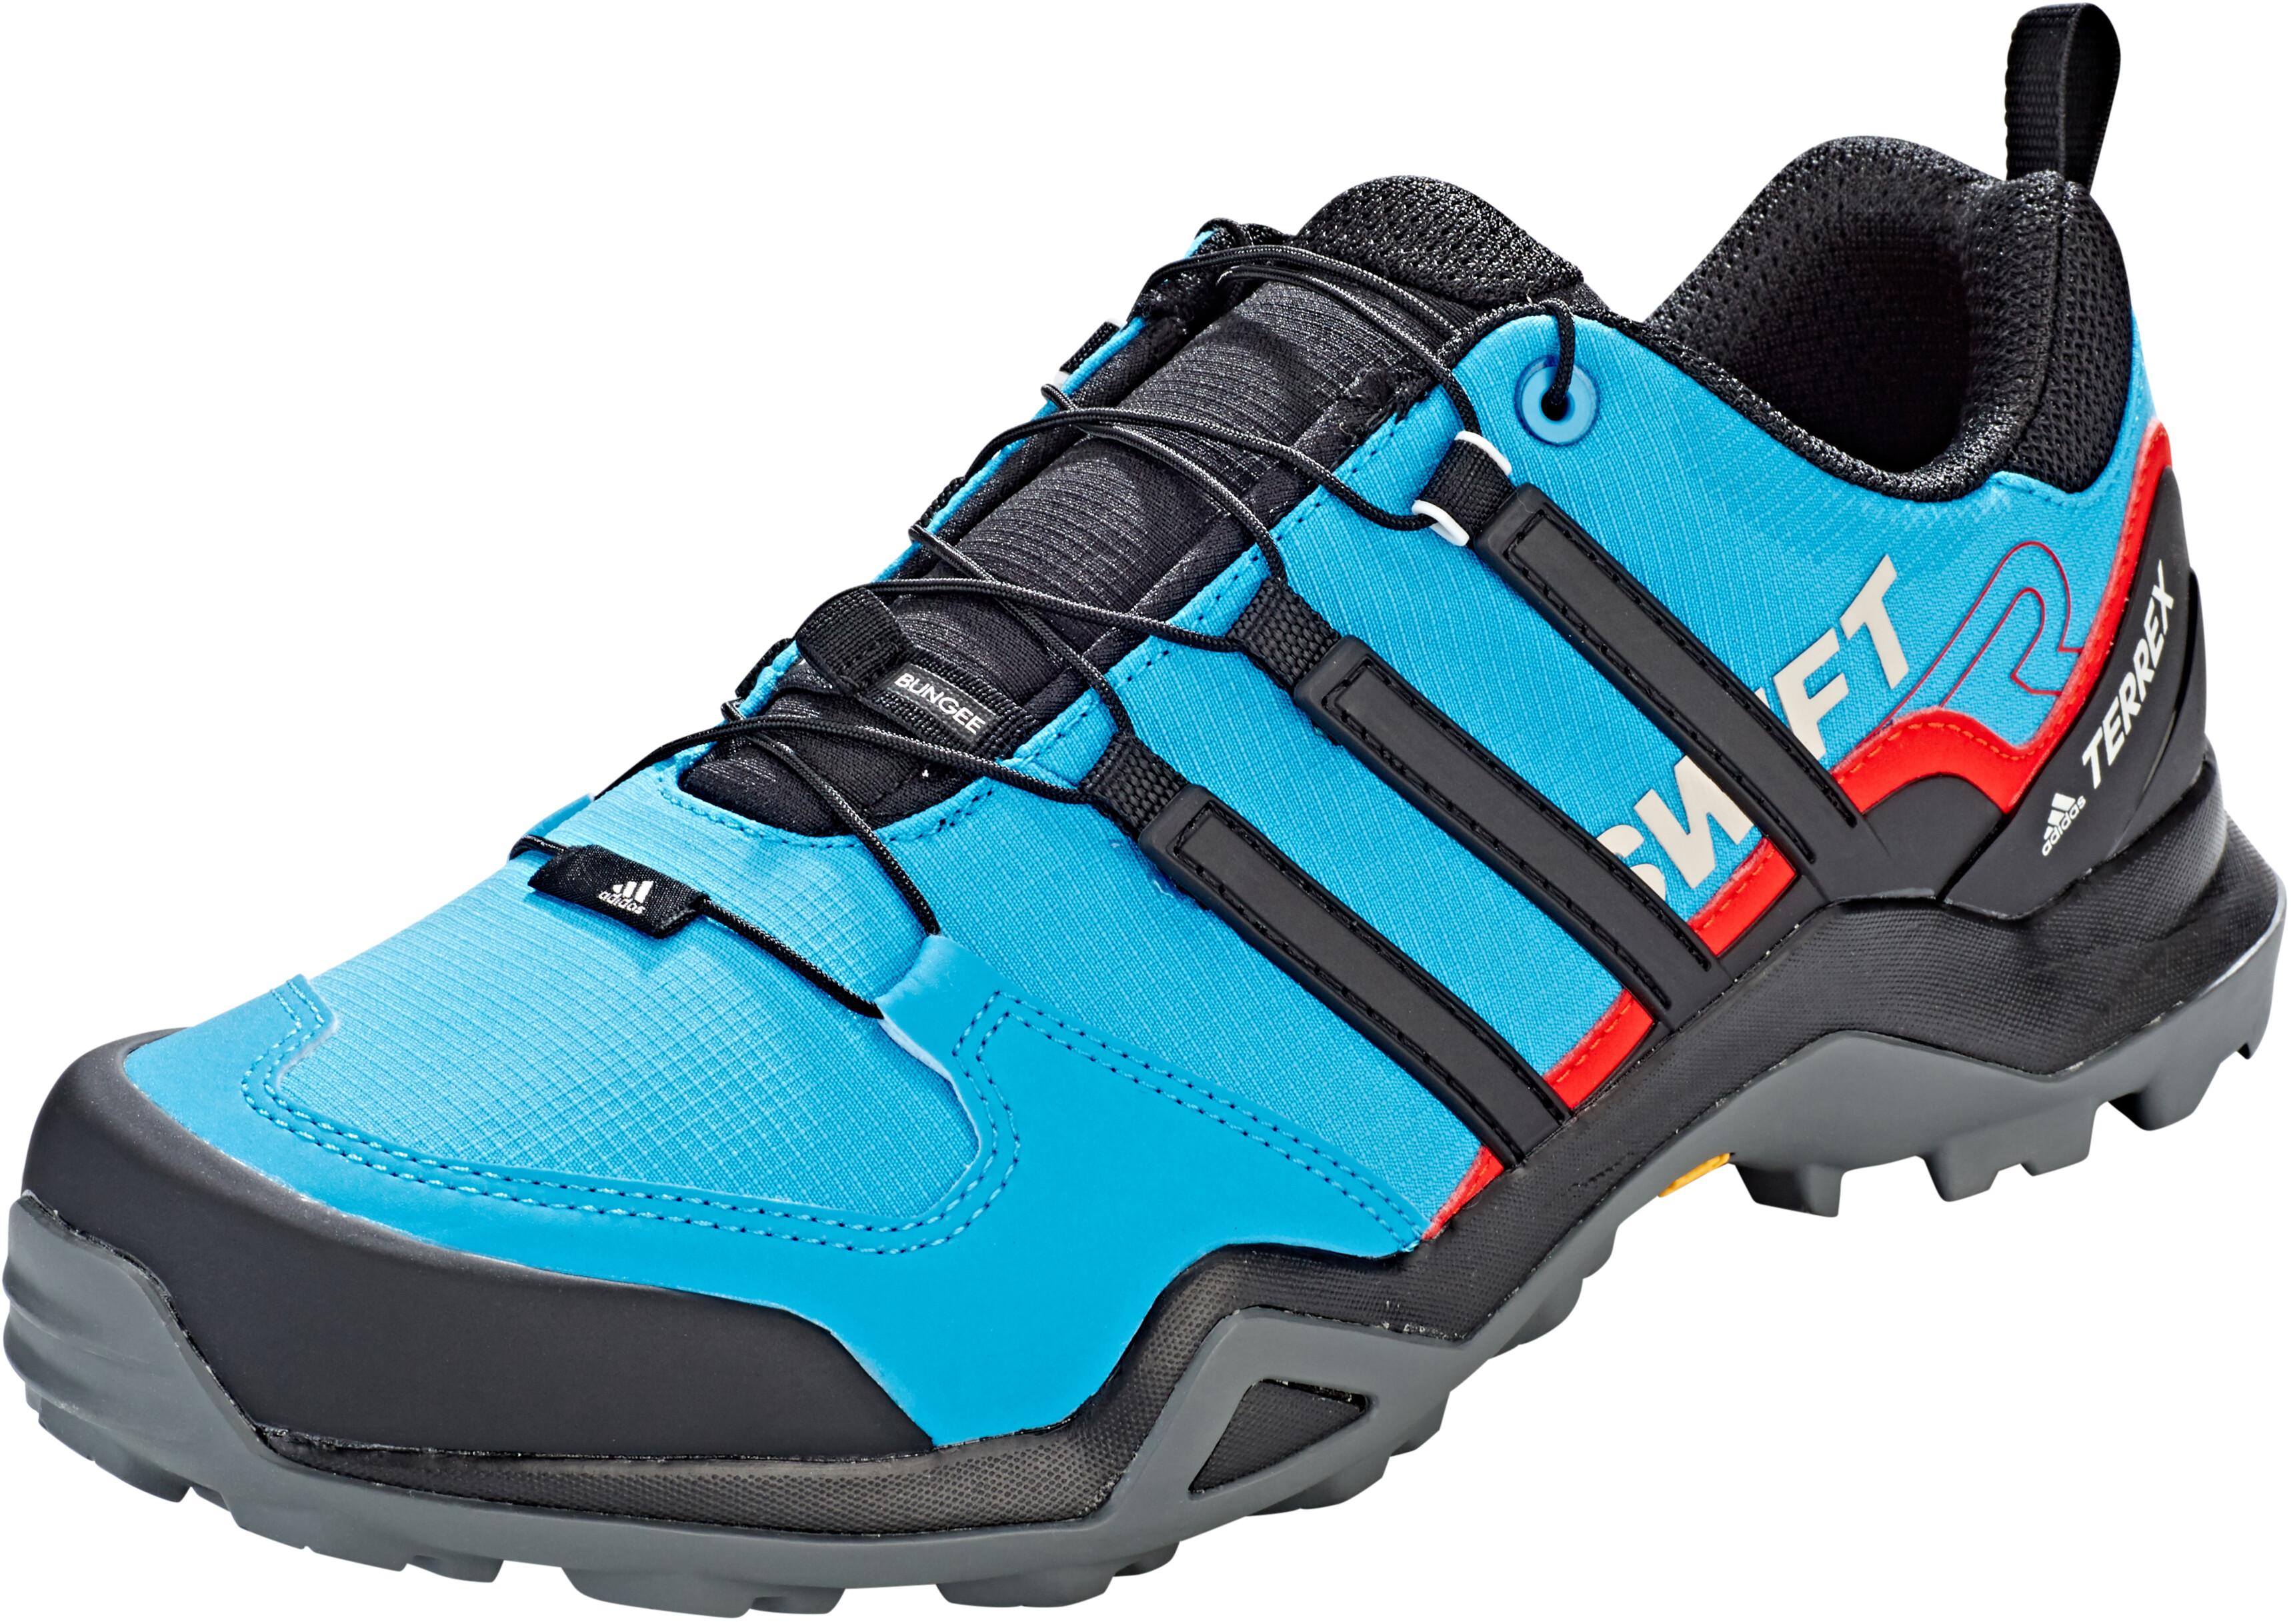 b8a26a57e8e adidas TERREX Swift R2 Schoenen Heren, shock cyan/core black/active red